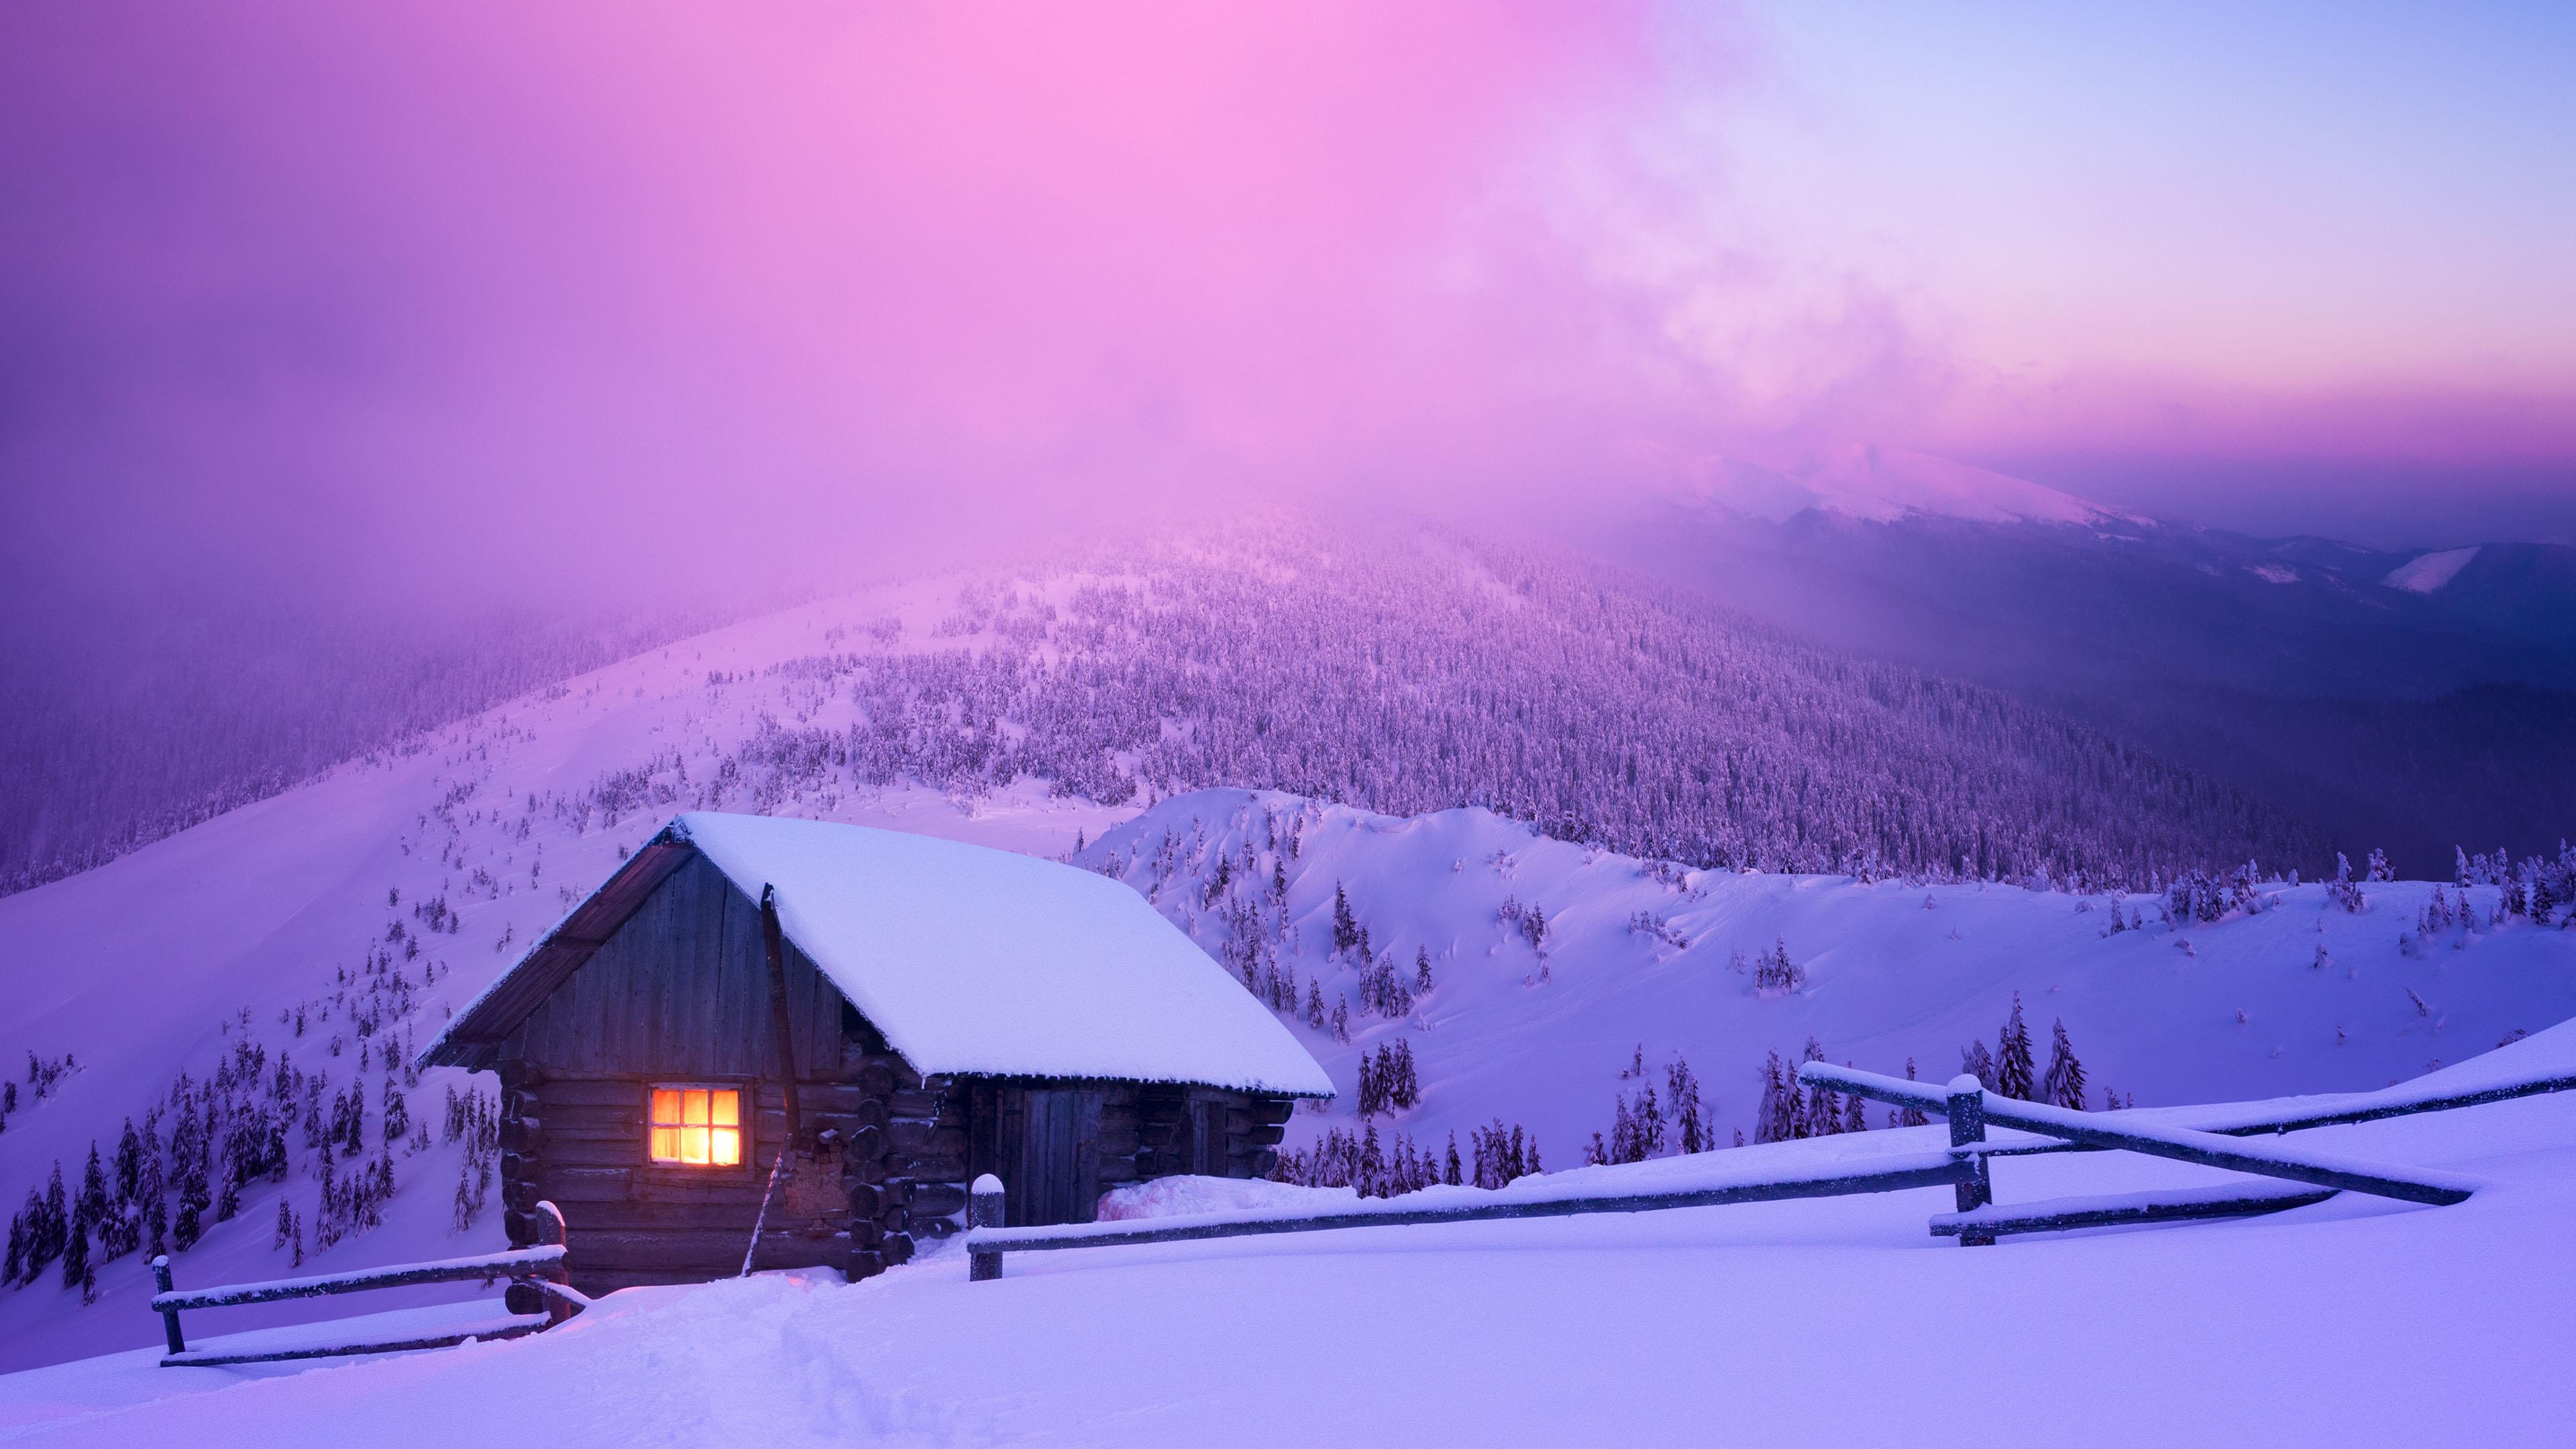 风景大片,冰天雪地,雪山,小木屋,晚霞